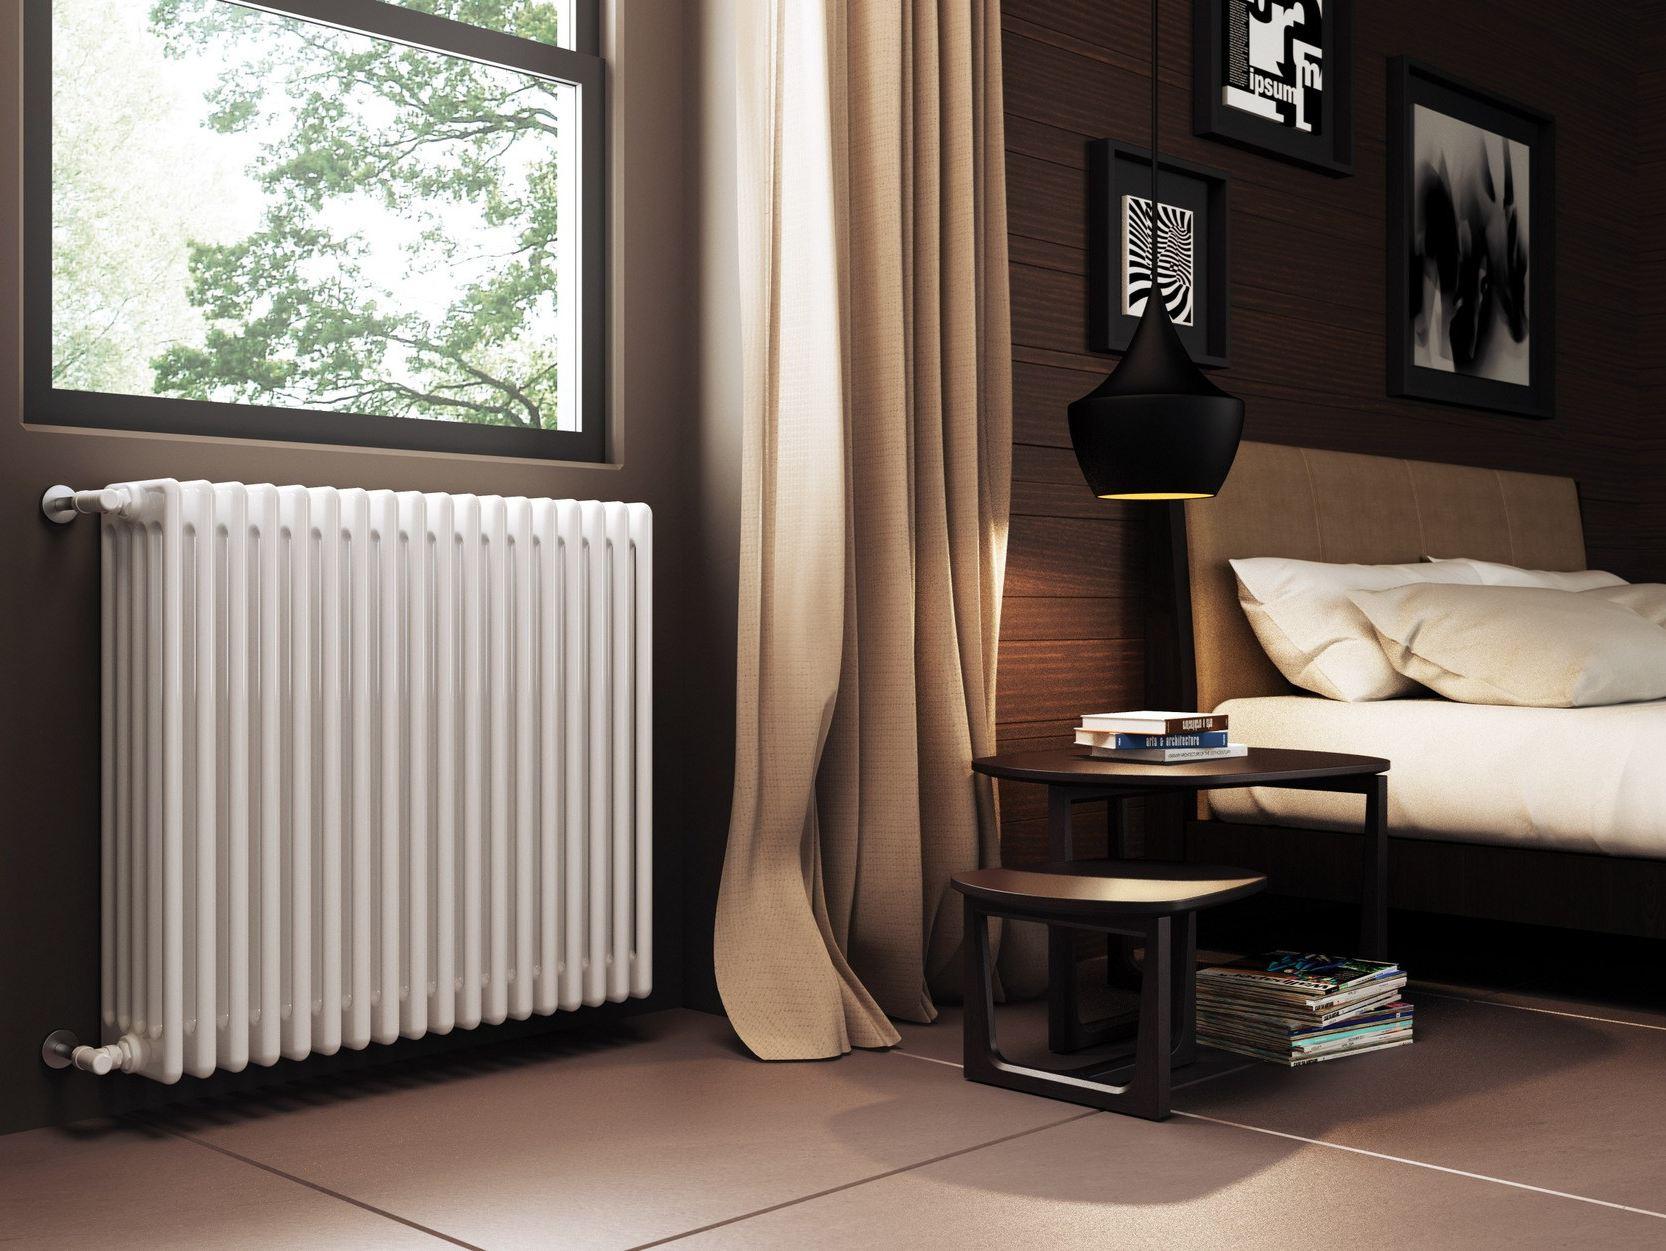 Как отмыть радиаторы отопления в квартире_1